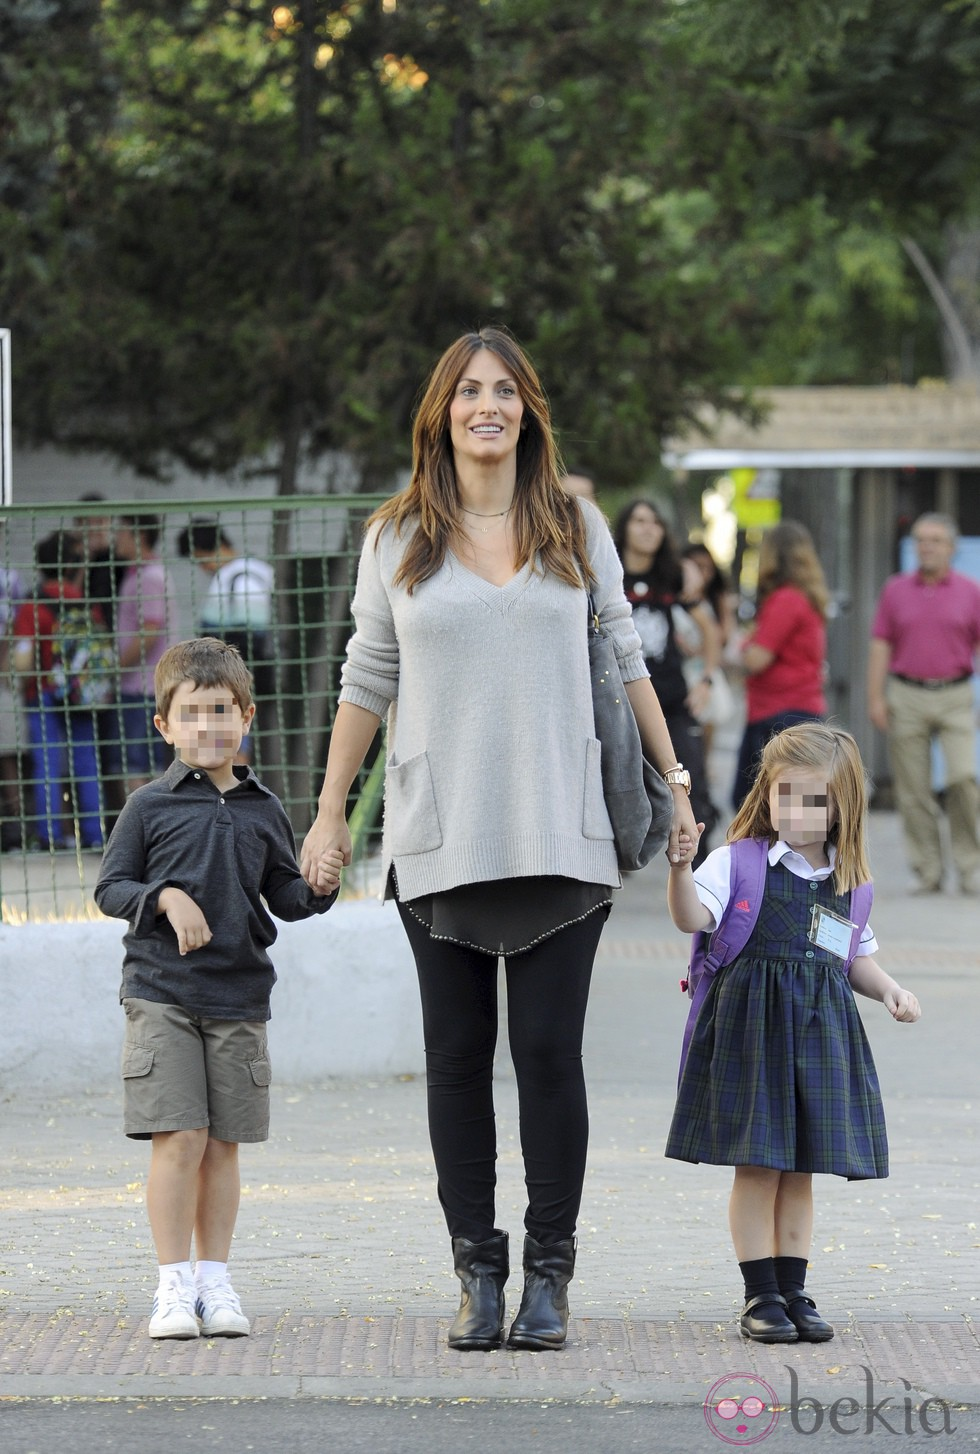 Nagore Aramburu acompaña a sus hijos en el primer día de colegio